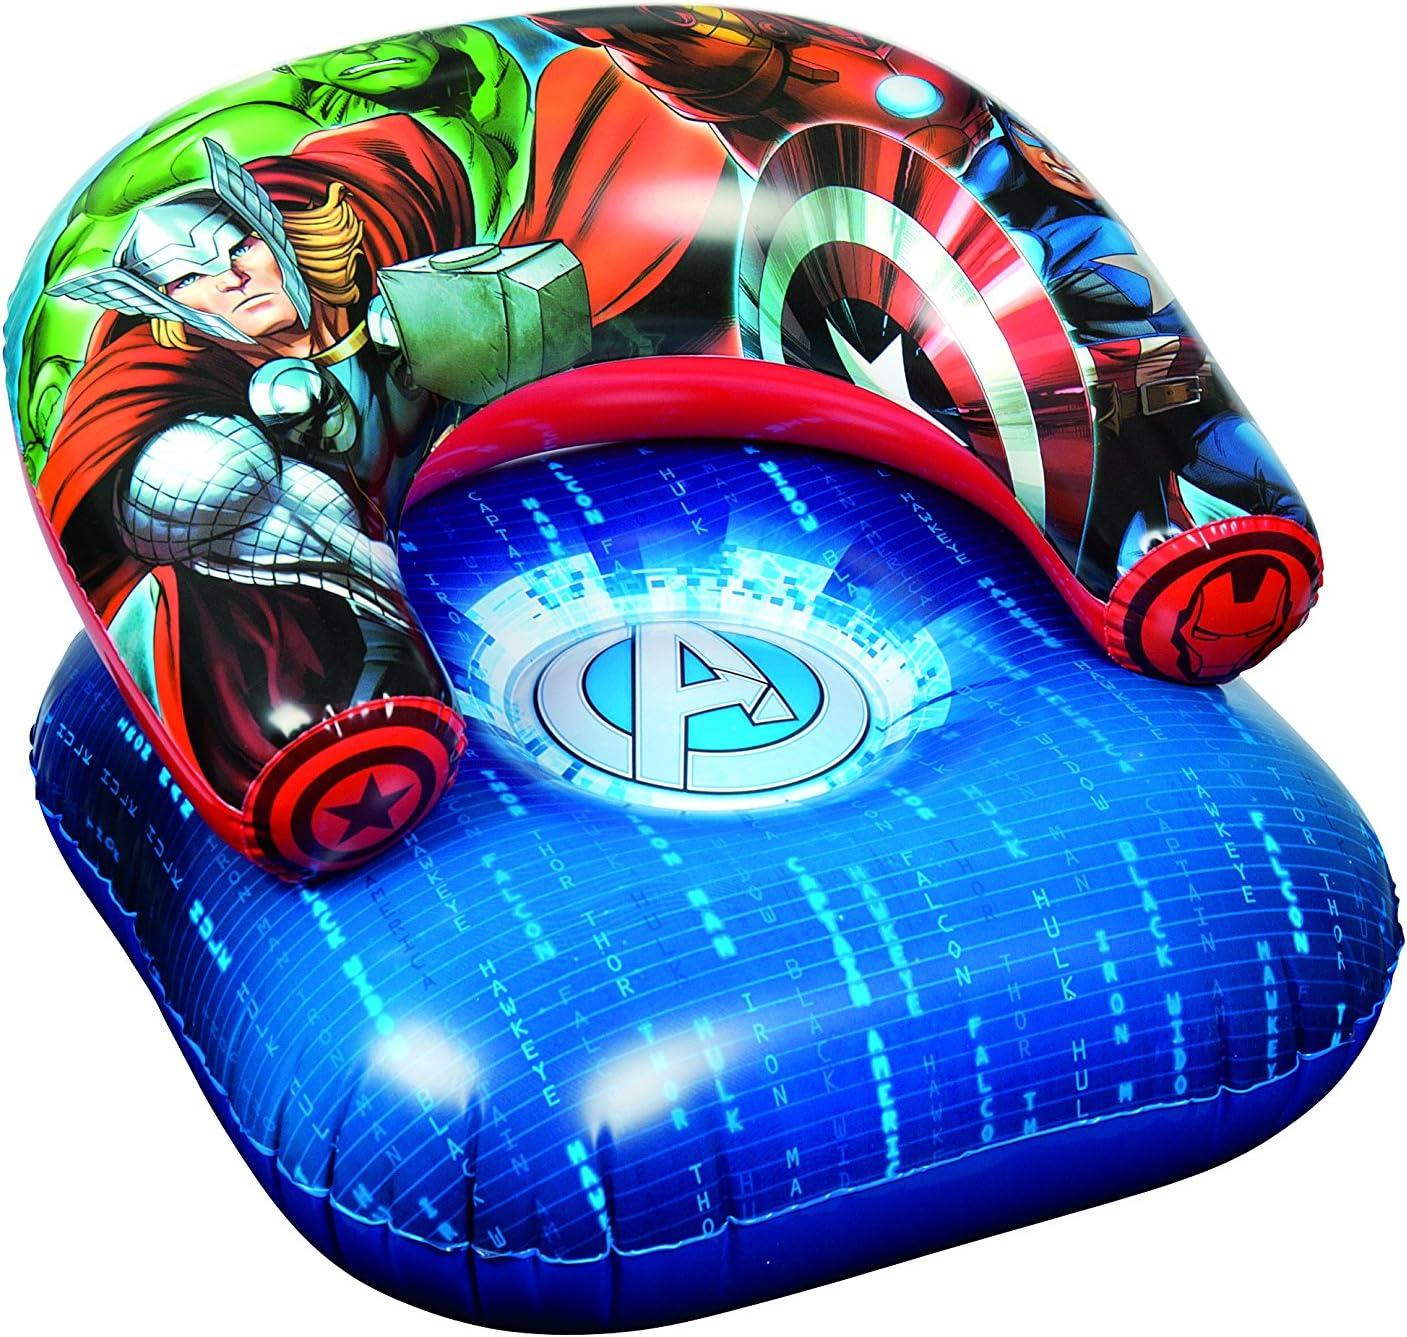 Avengers Marvel Los Vengadores superhéroes Hinchable para niños Luna Silla Playa Piscina Tumbona Asiento Solo sofá: Amazon.es: Hogar